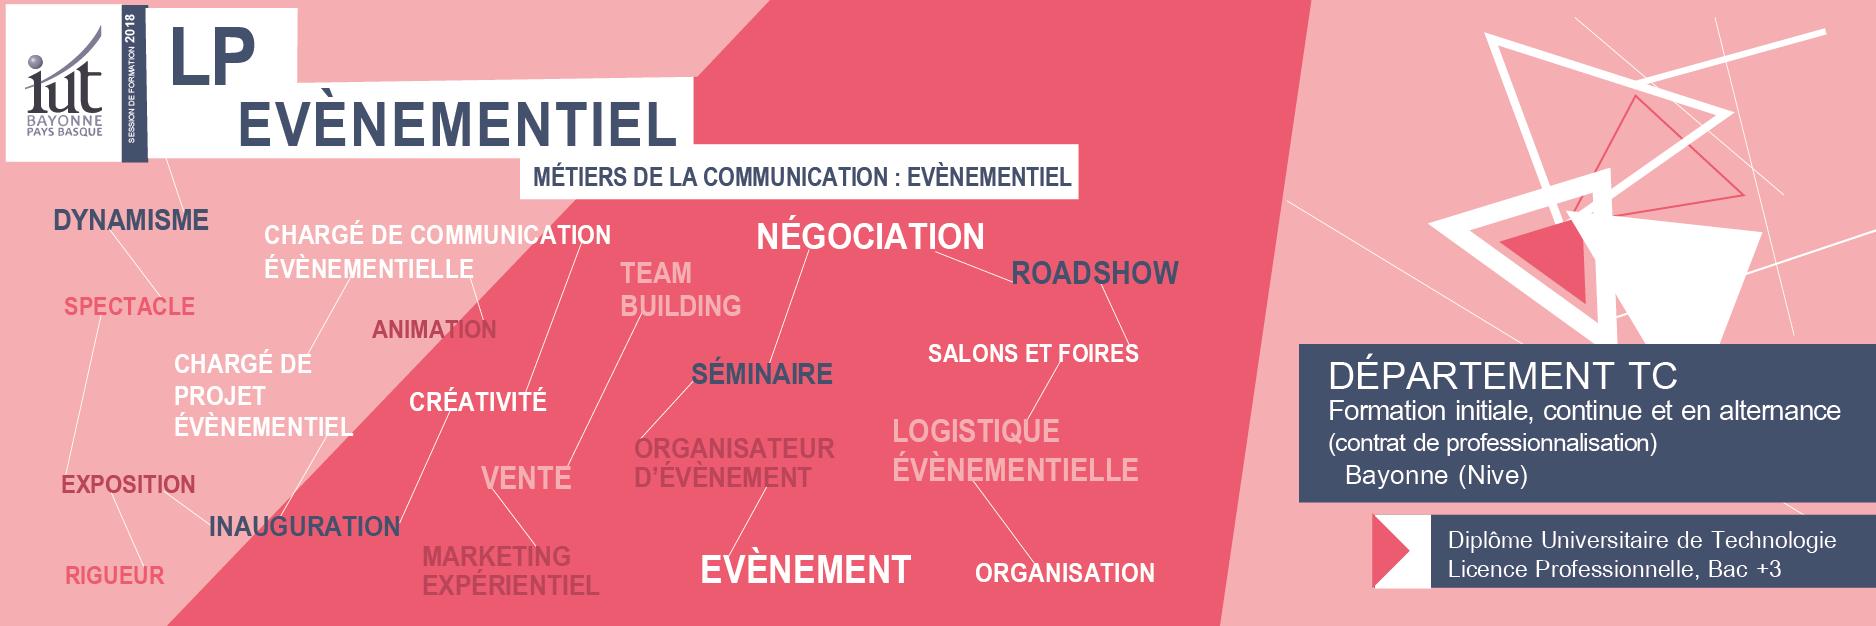 tc_lp_bandeau_evenementiel_iut_bayonne_pays_basque_plan_de_travail_1